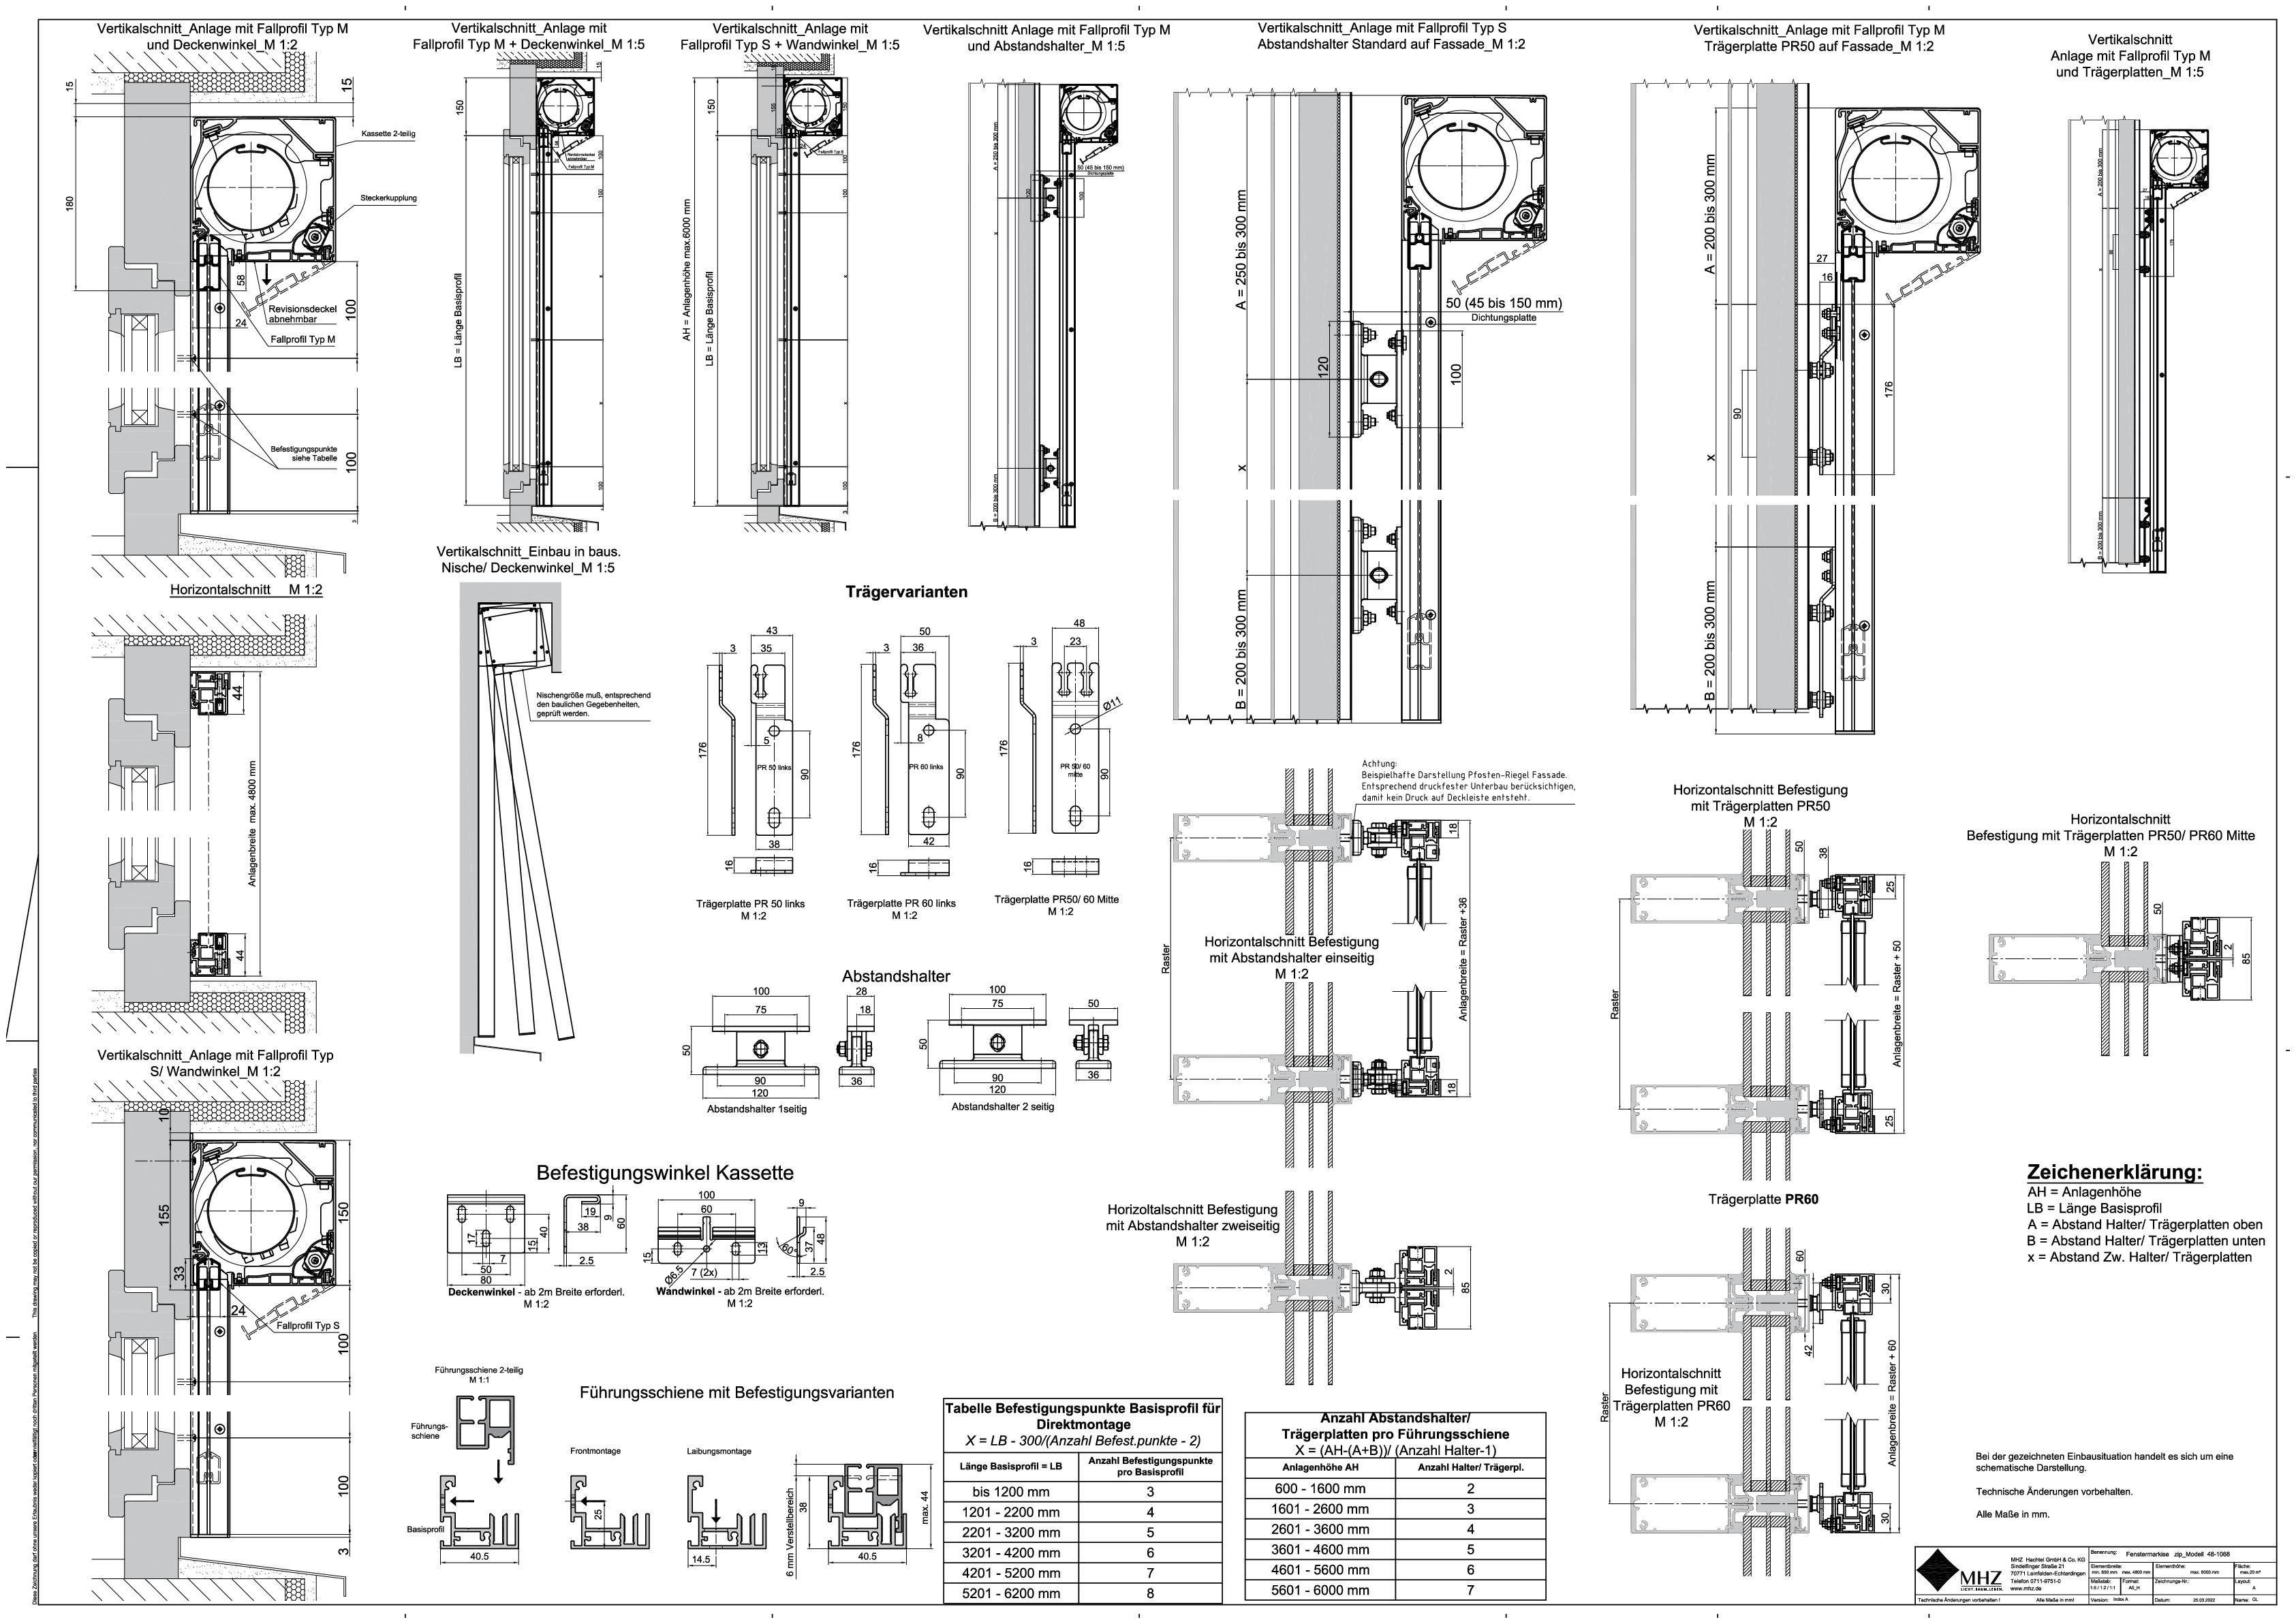 Technische Zeichnung pdf Fenstermarkisen zip_2.0 48-1068